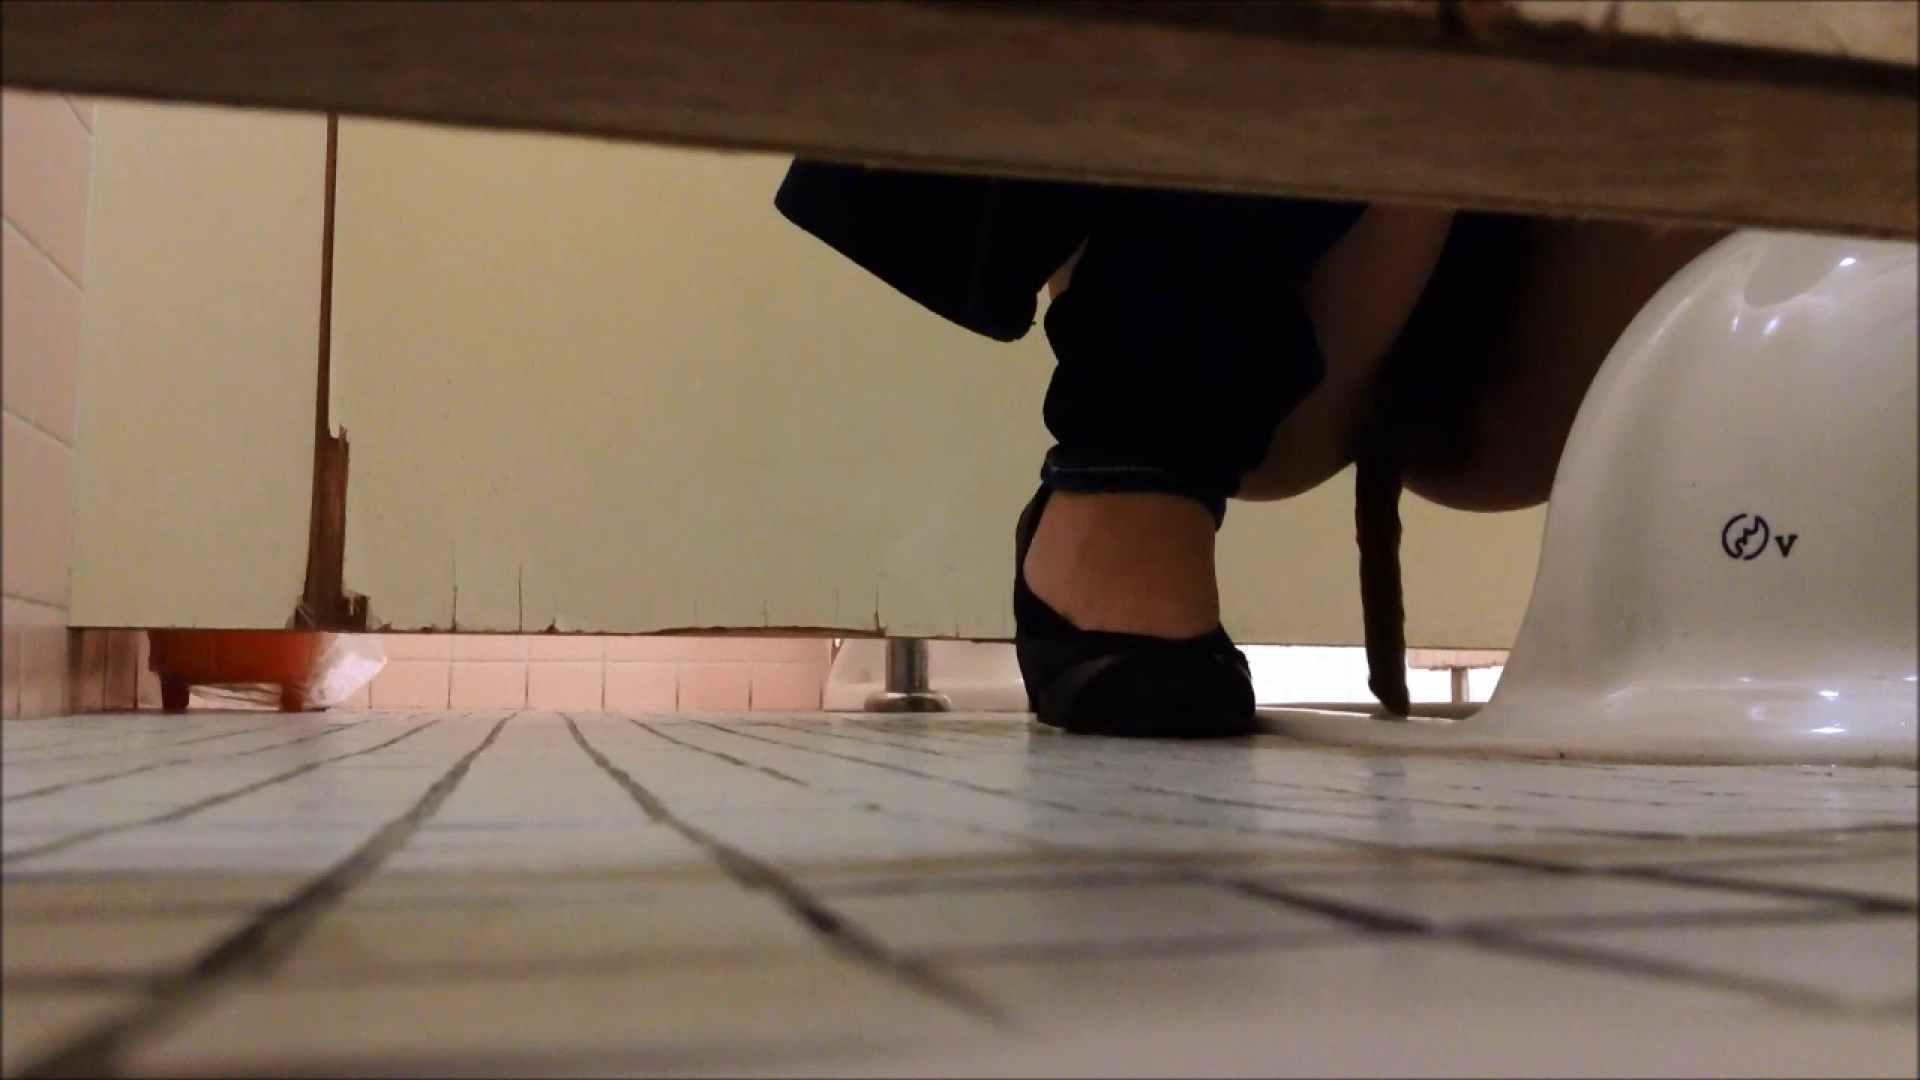 某有名大学女性洗面所 vol.06 排泄 | 和式で・・・  68画像 55